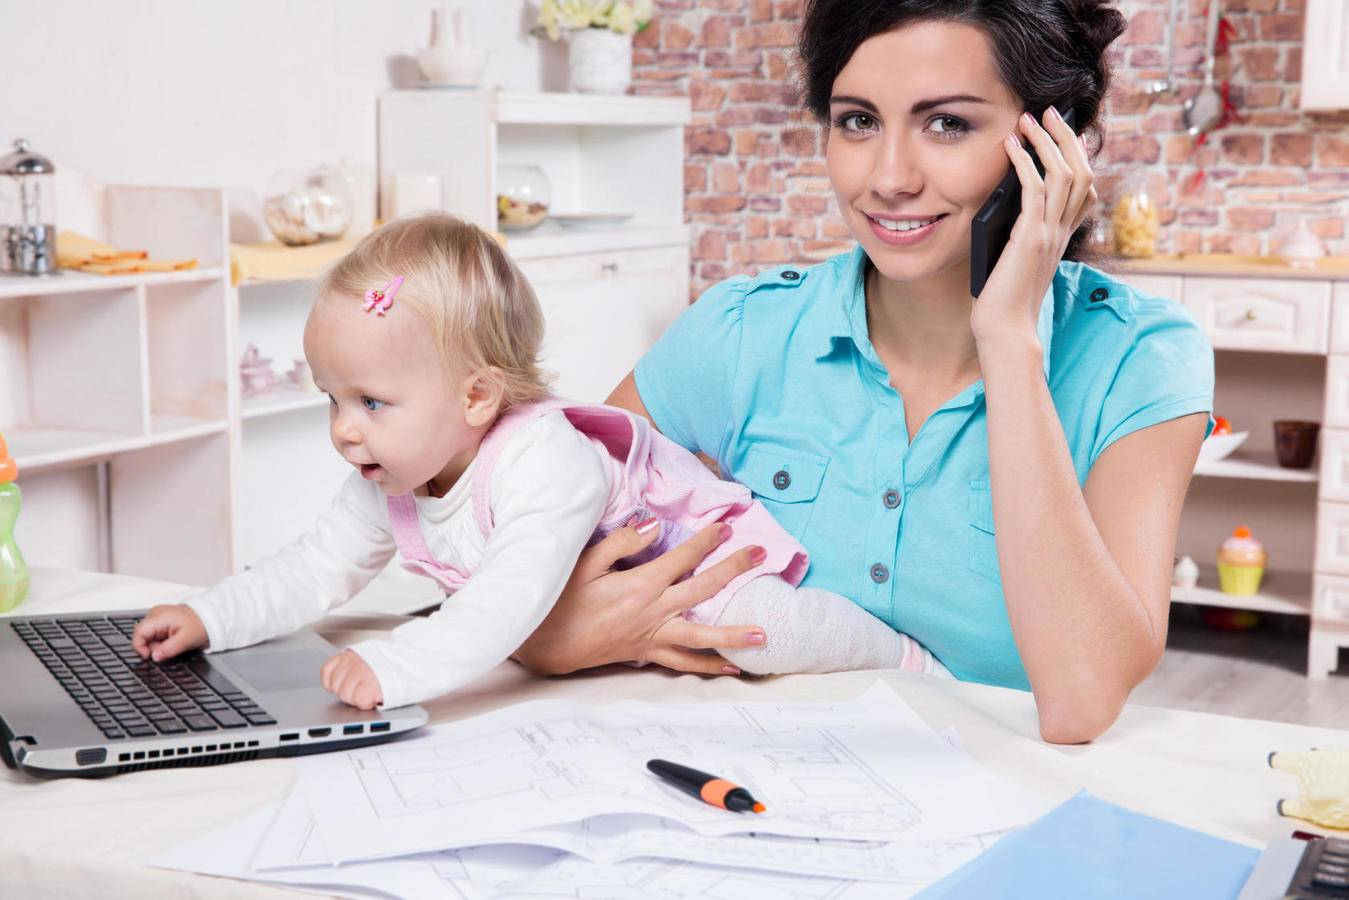 Как совместить воспитание ребенка и карьеру рекомендации